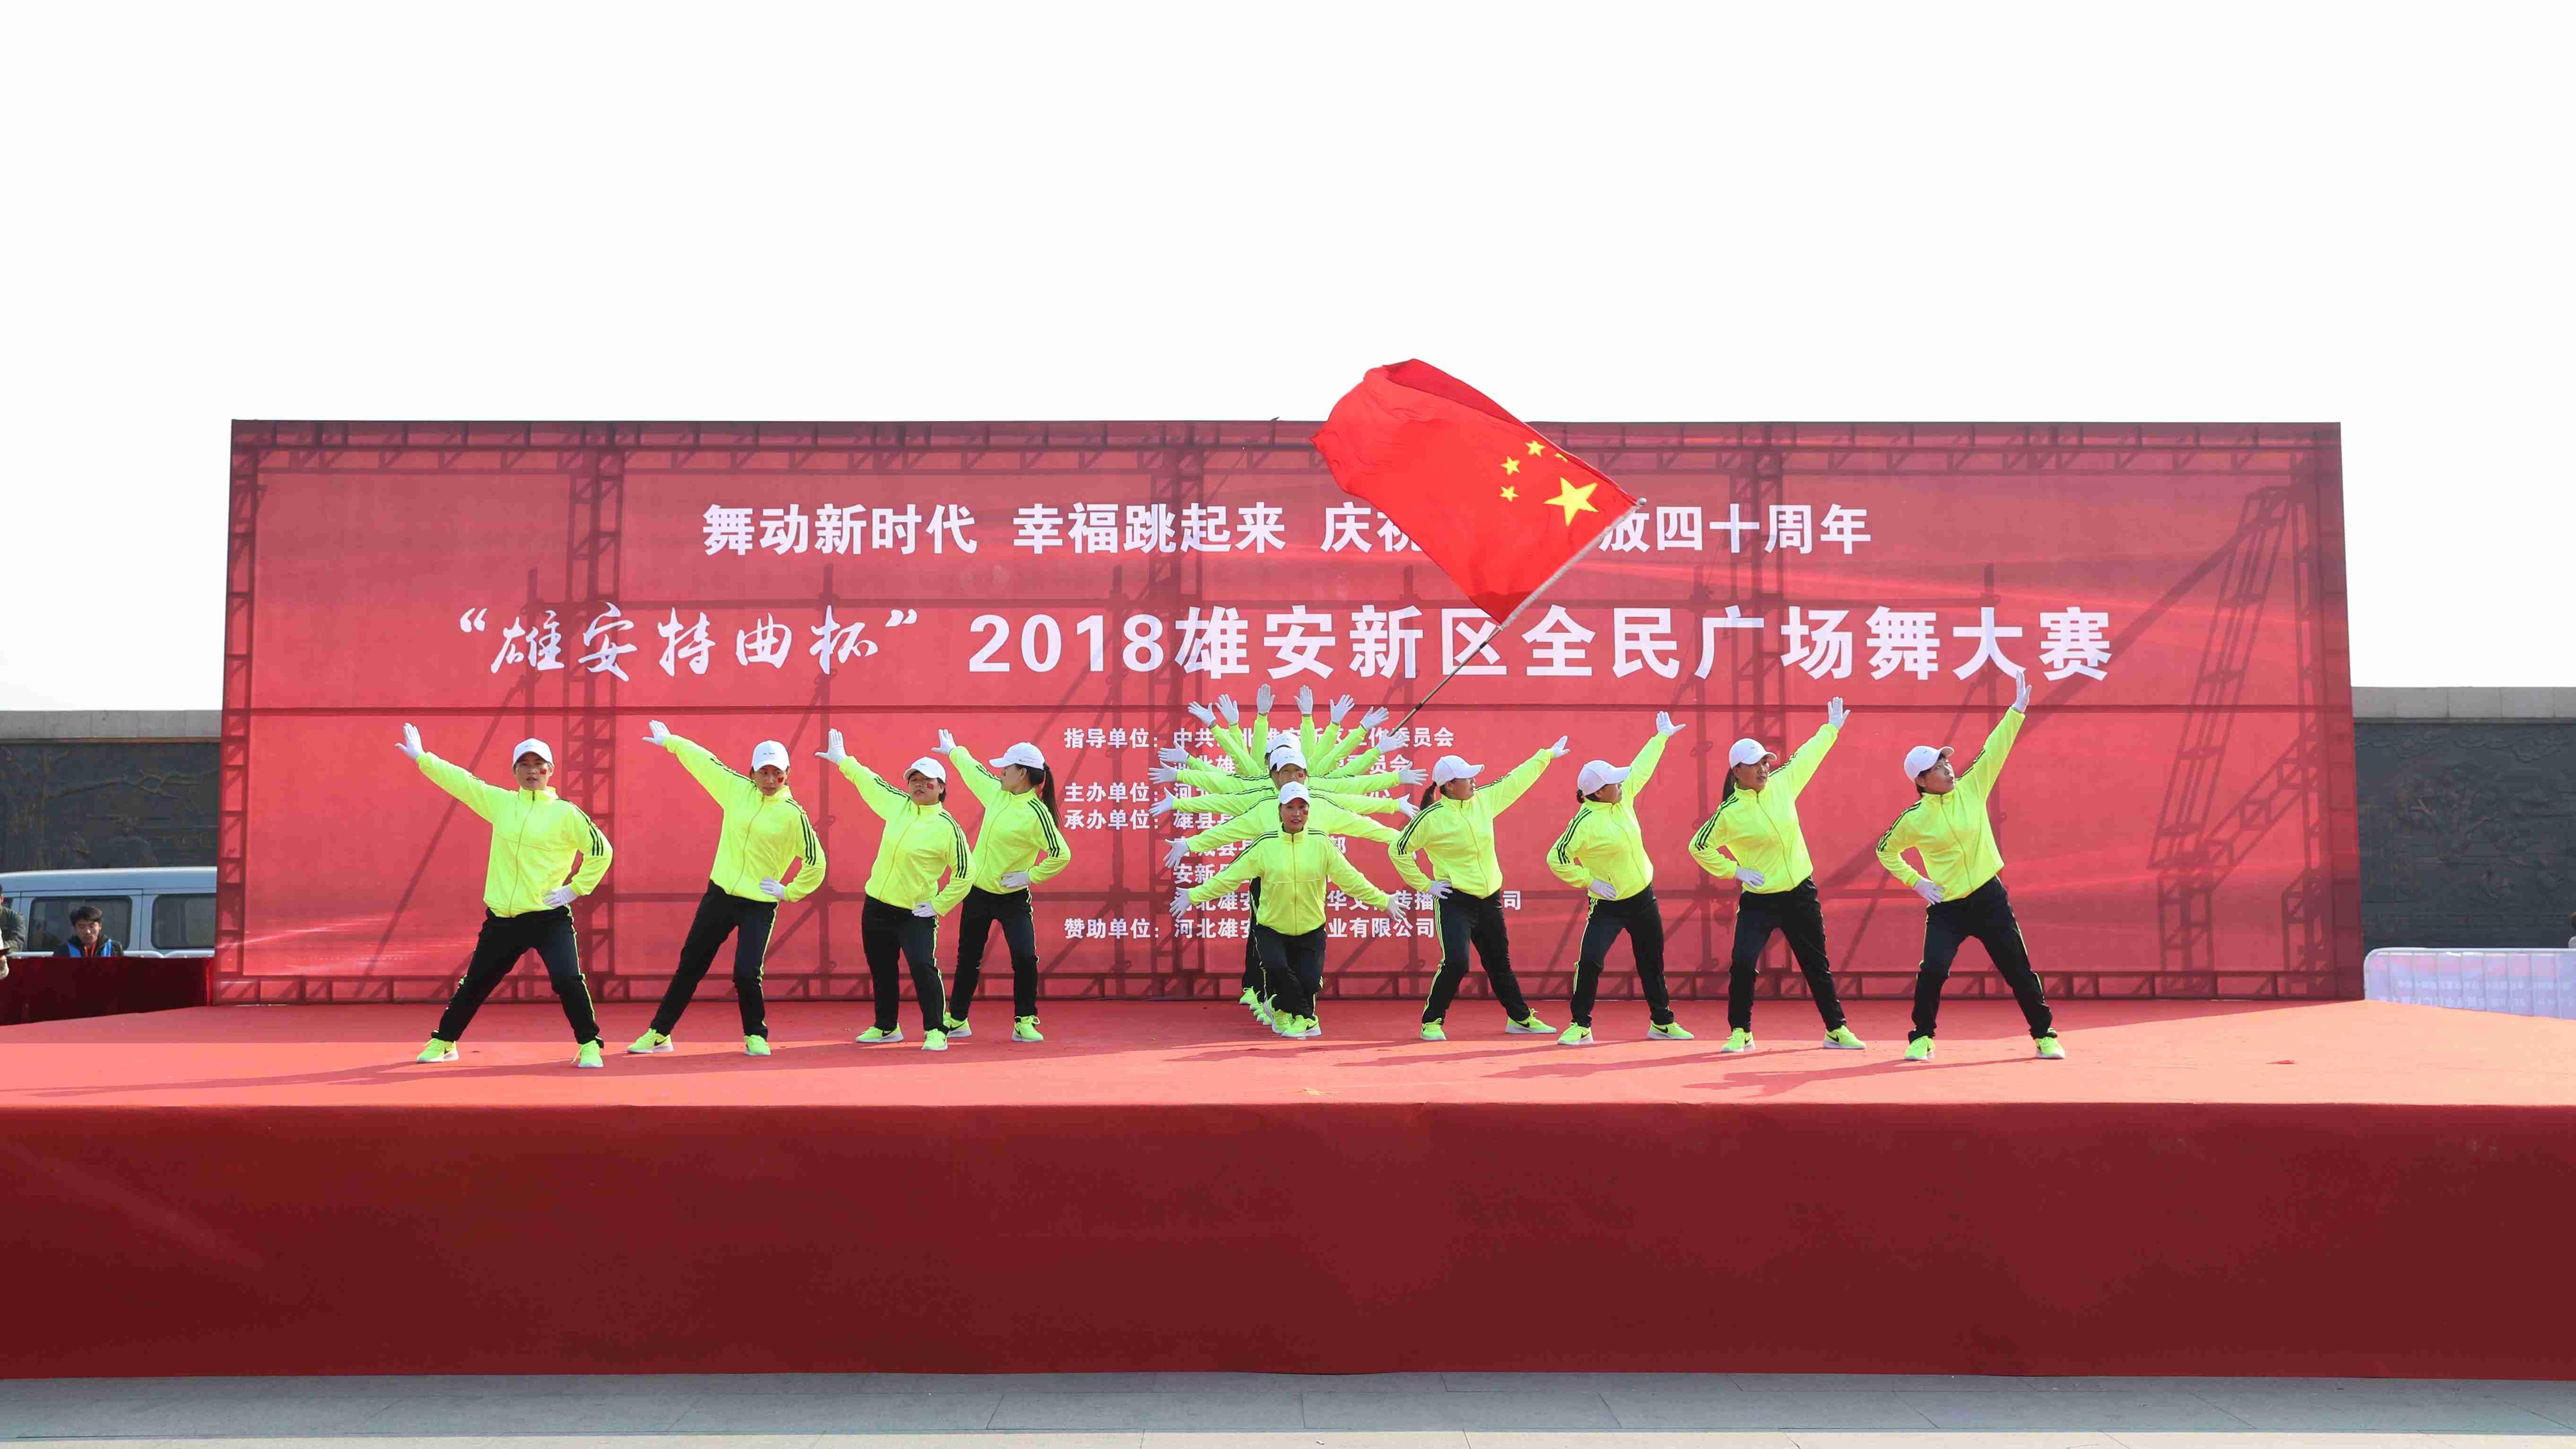 2018雄安新区全民广场舞大赛决赛全纪录